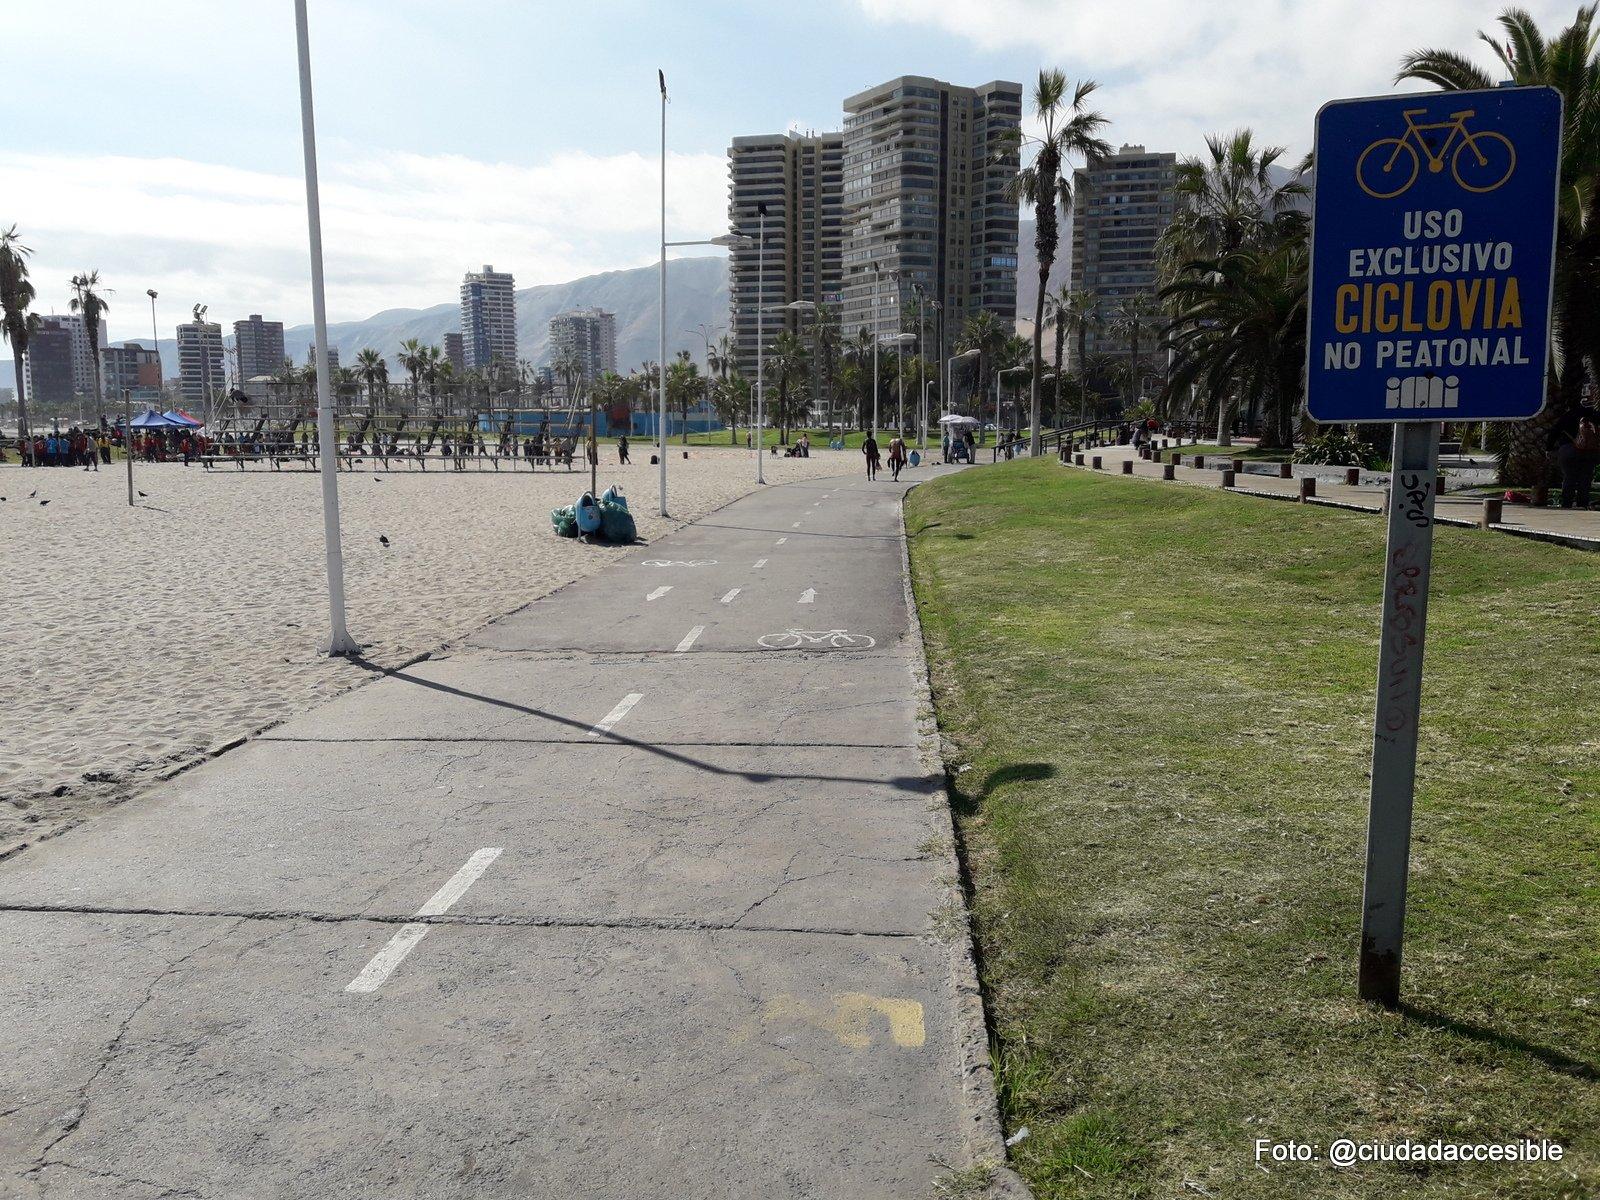 ciclovía en borde costero con señalización que indicaUso exclusivo ciclovía no peatonal